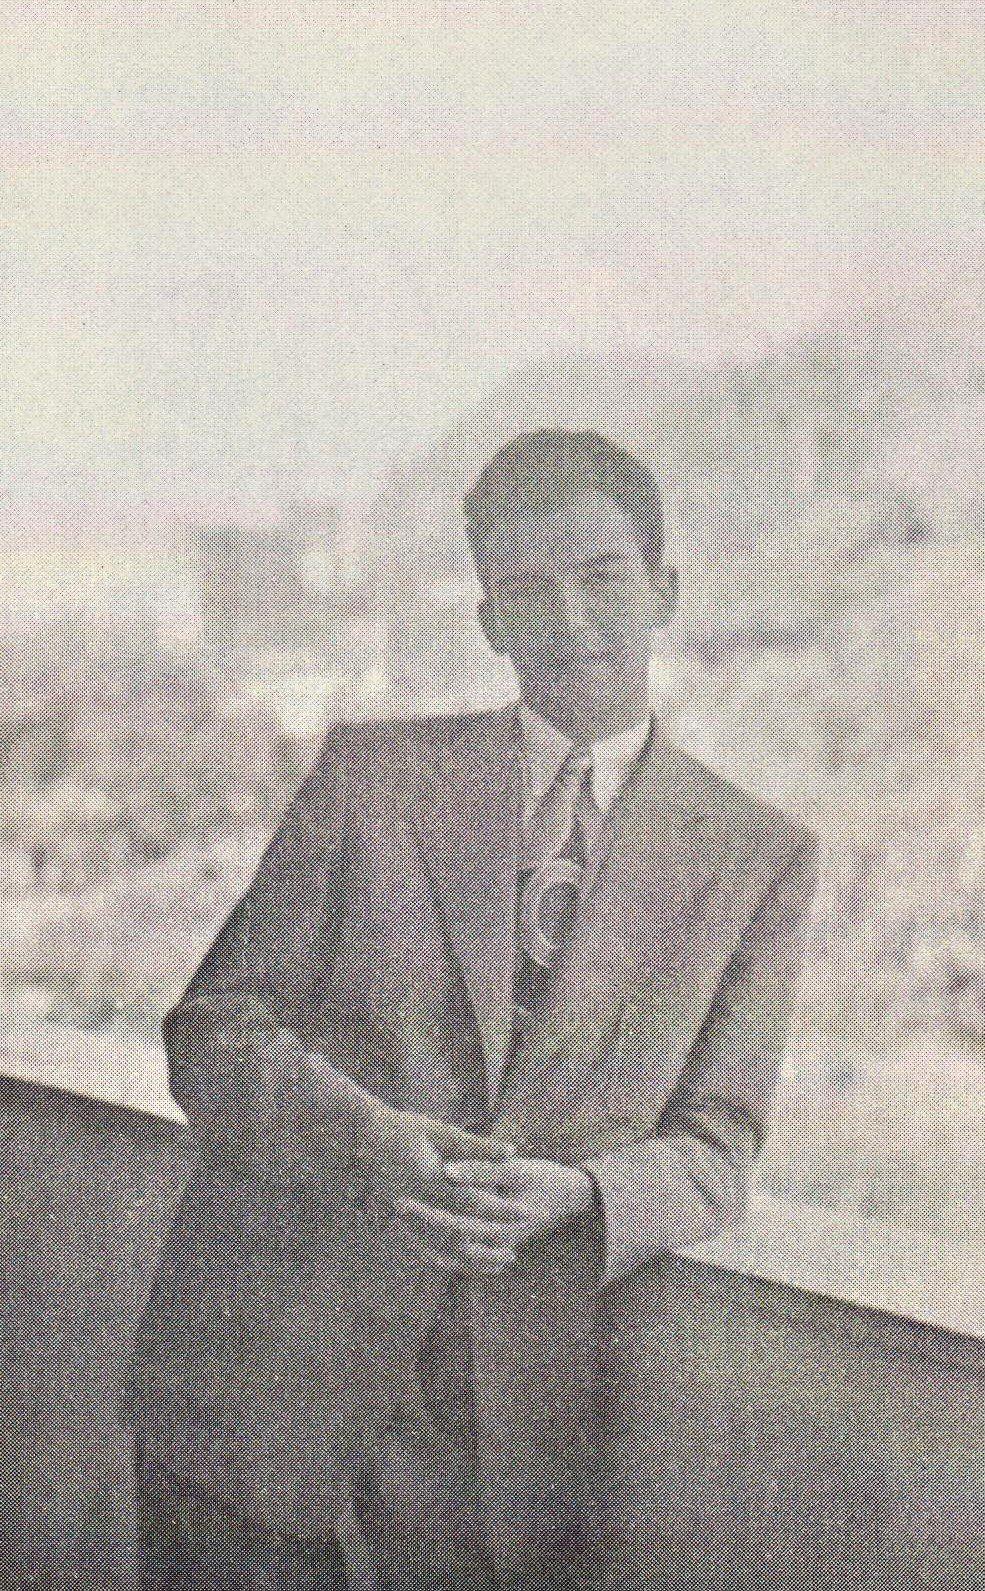 יעקב אנוך בברזיל בשנת 1948